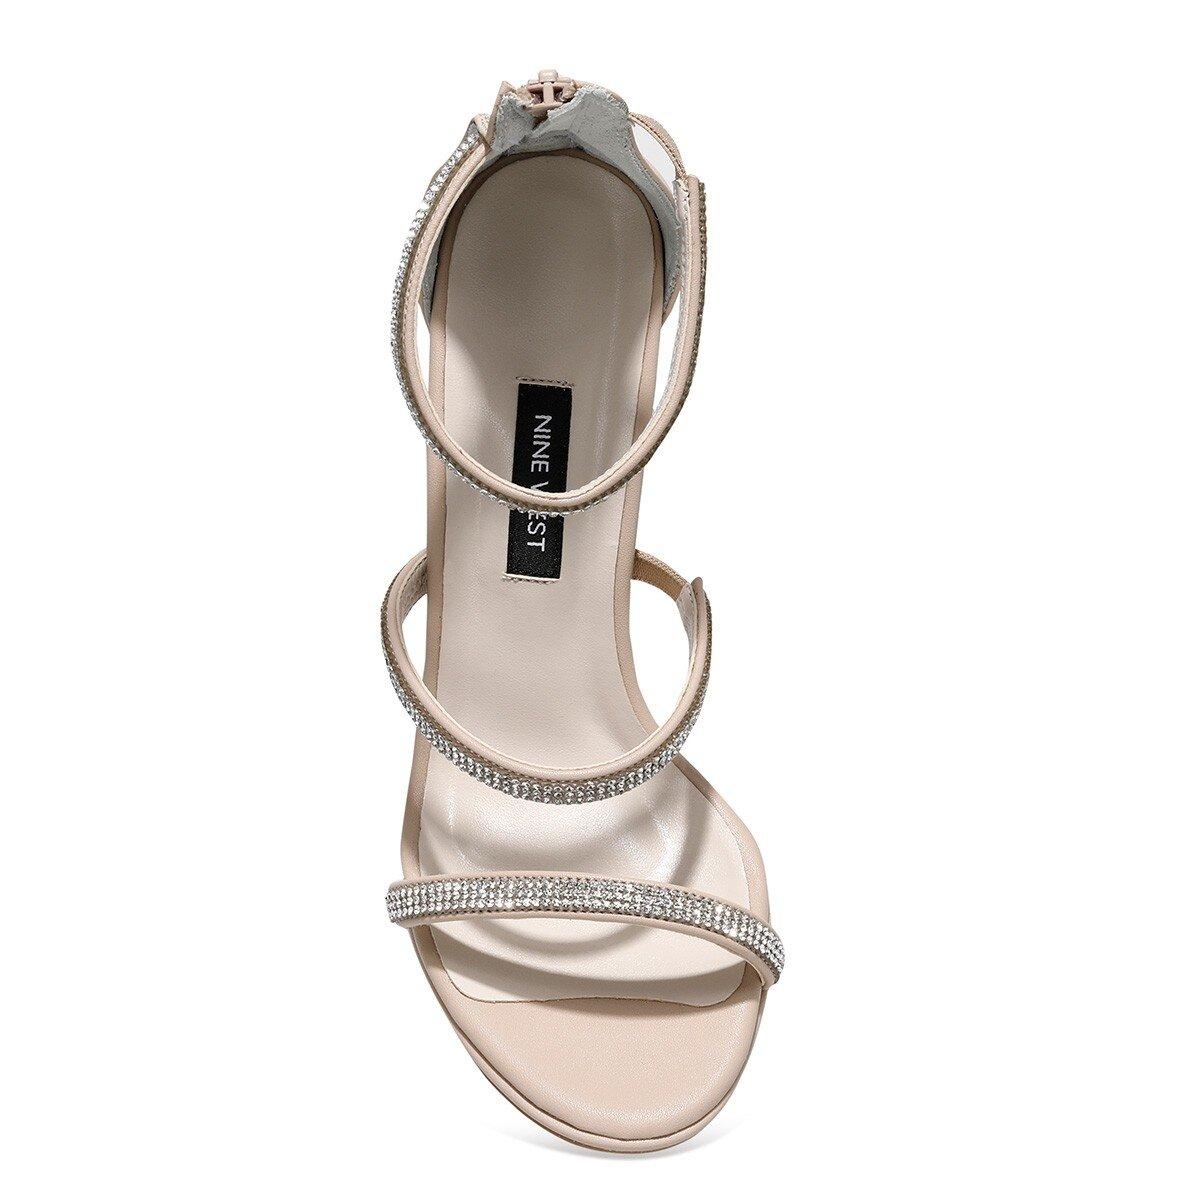 FEMINNA 1FX NUDE Kadın Topuklu Ayakkabı